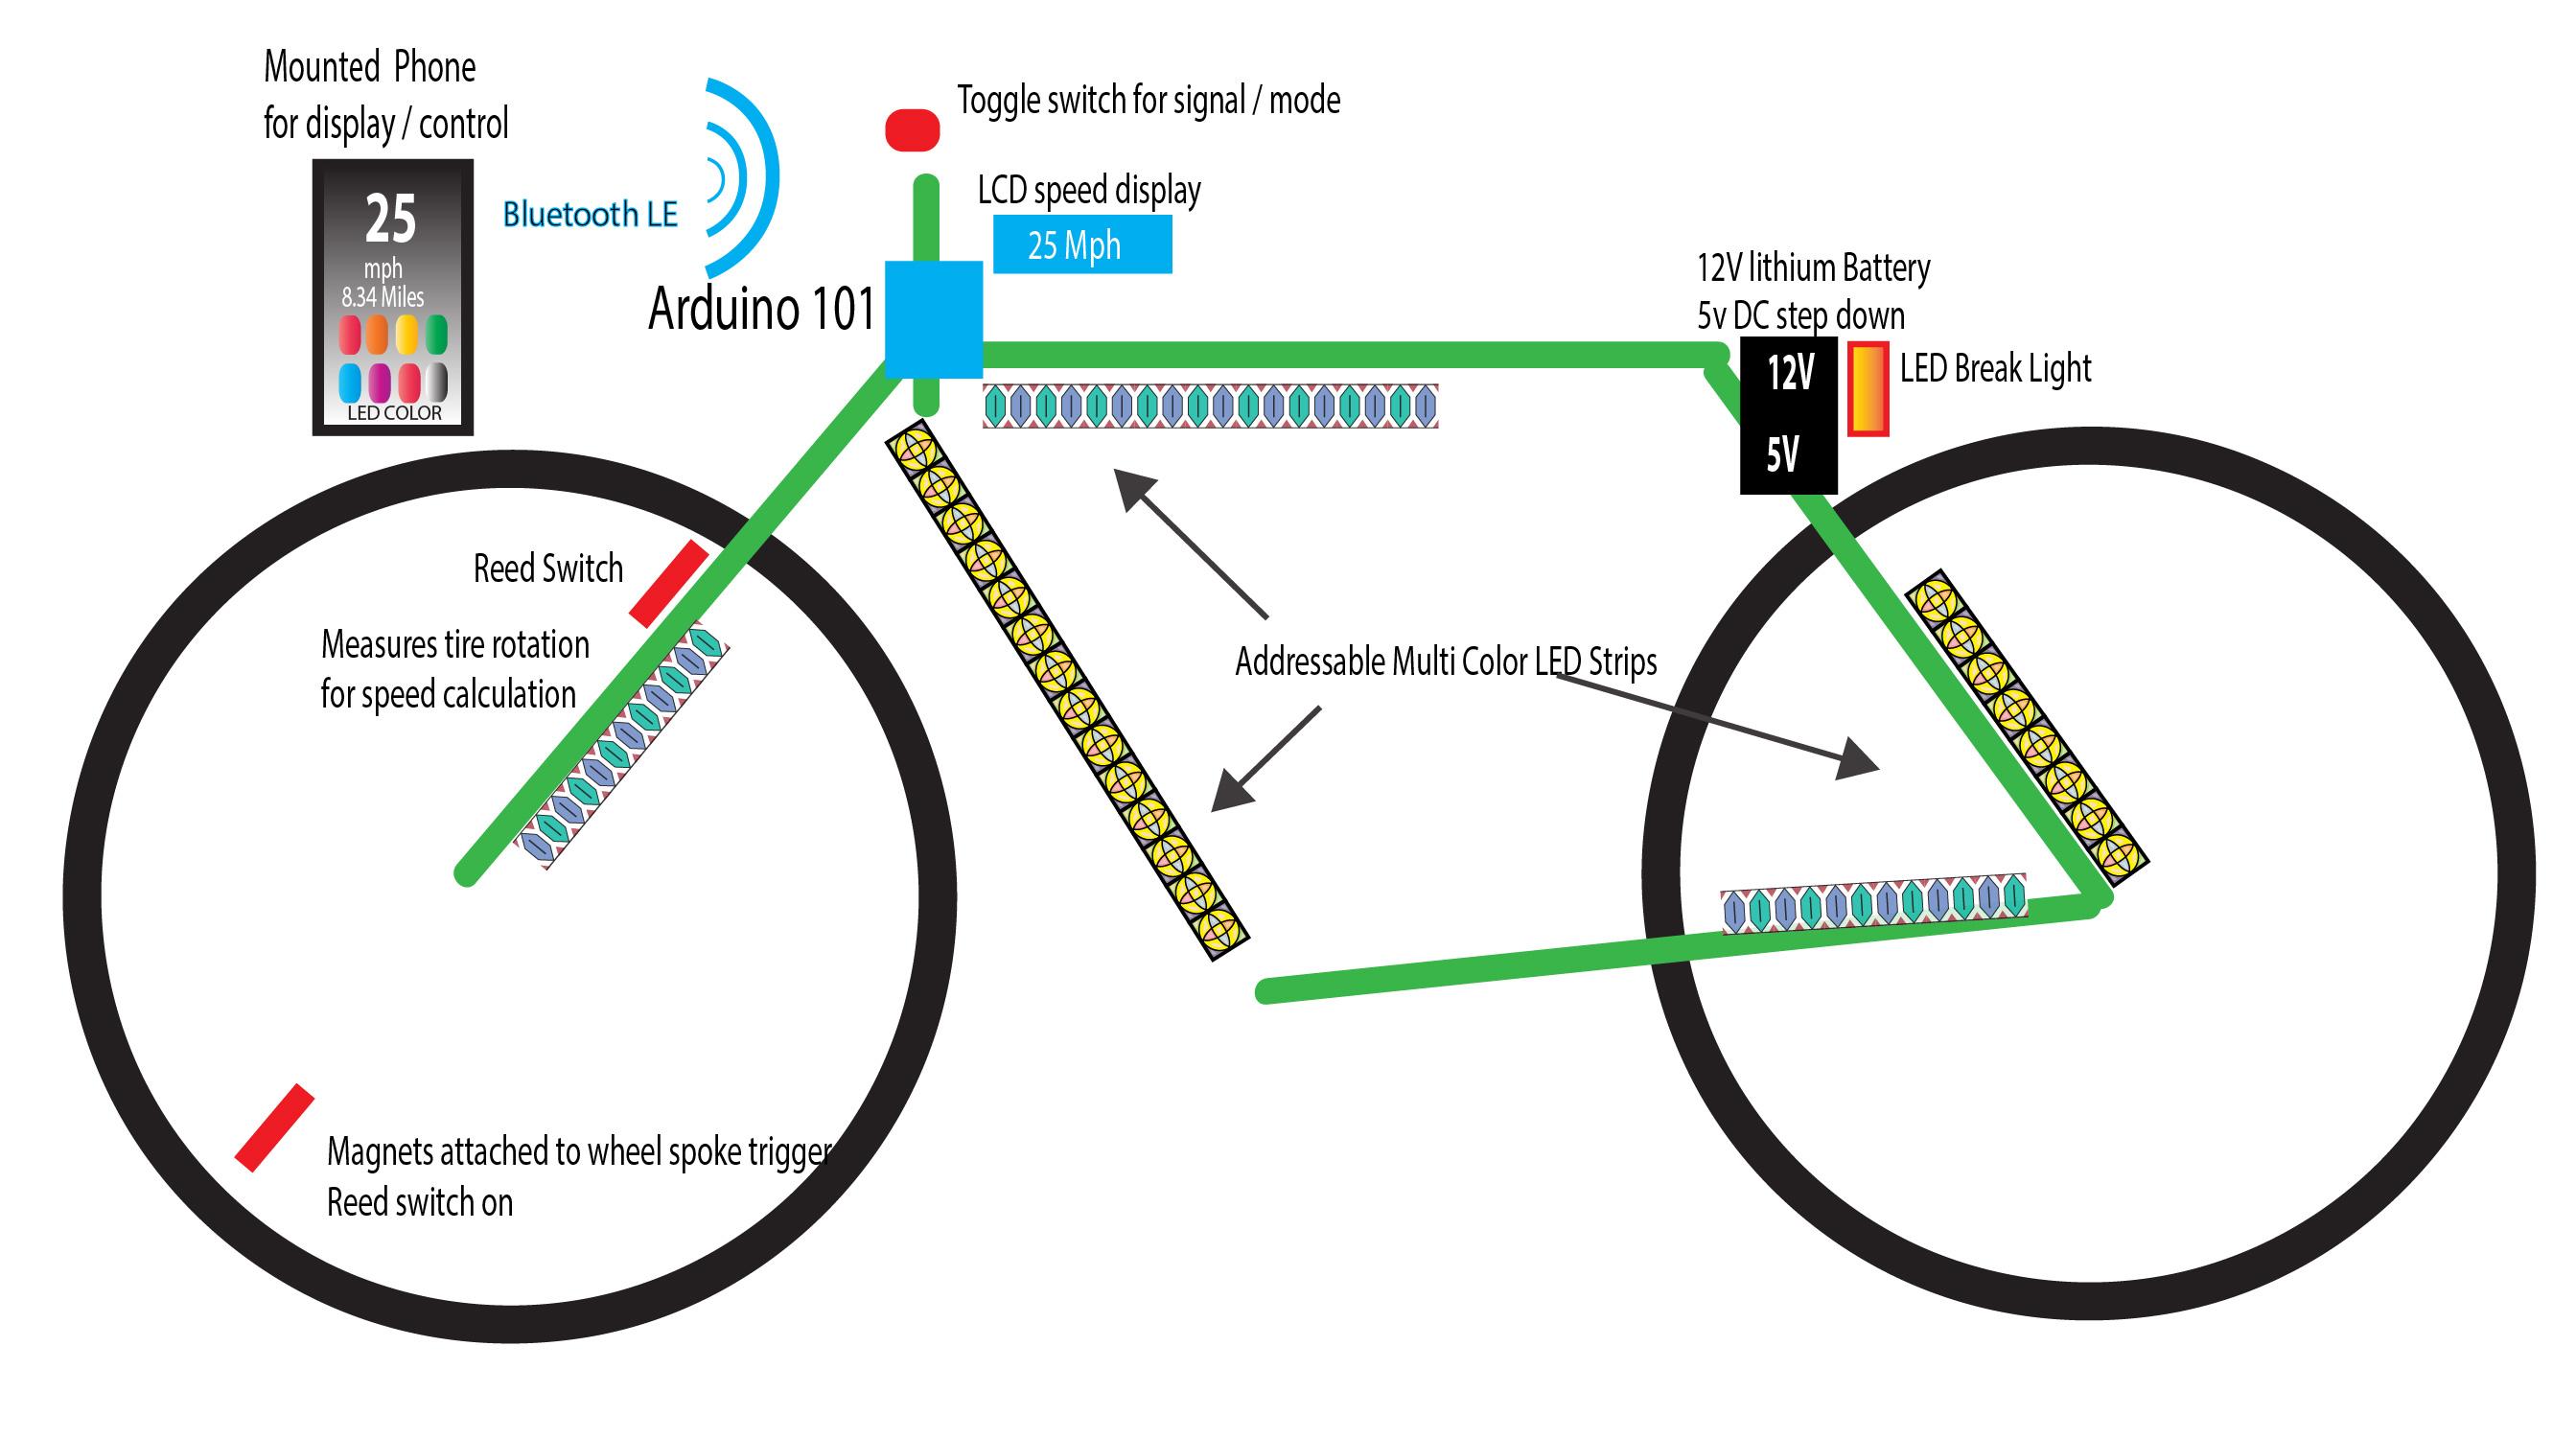 medium resolution of 12v led wiring diagram tir4 wiring diagram pdf 12v led wiring diagram tir4